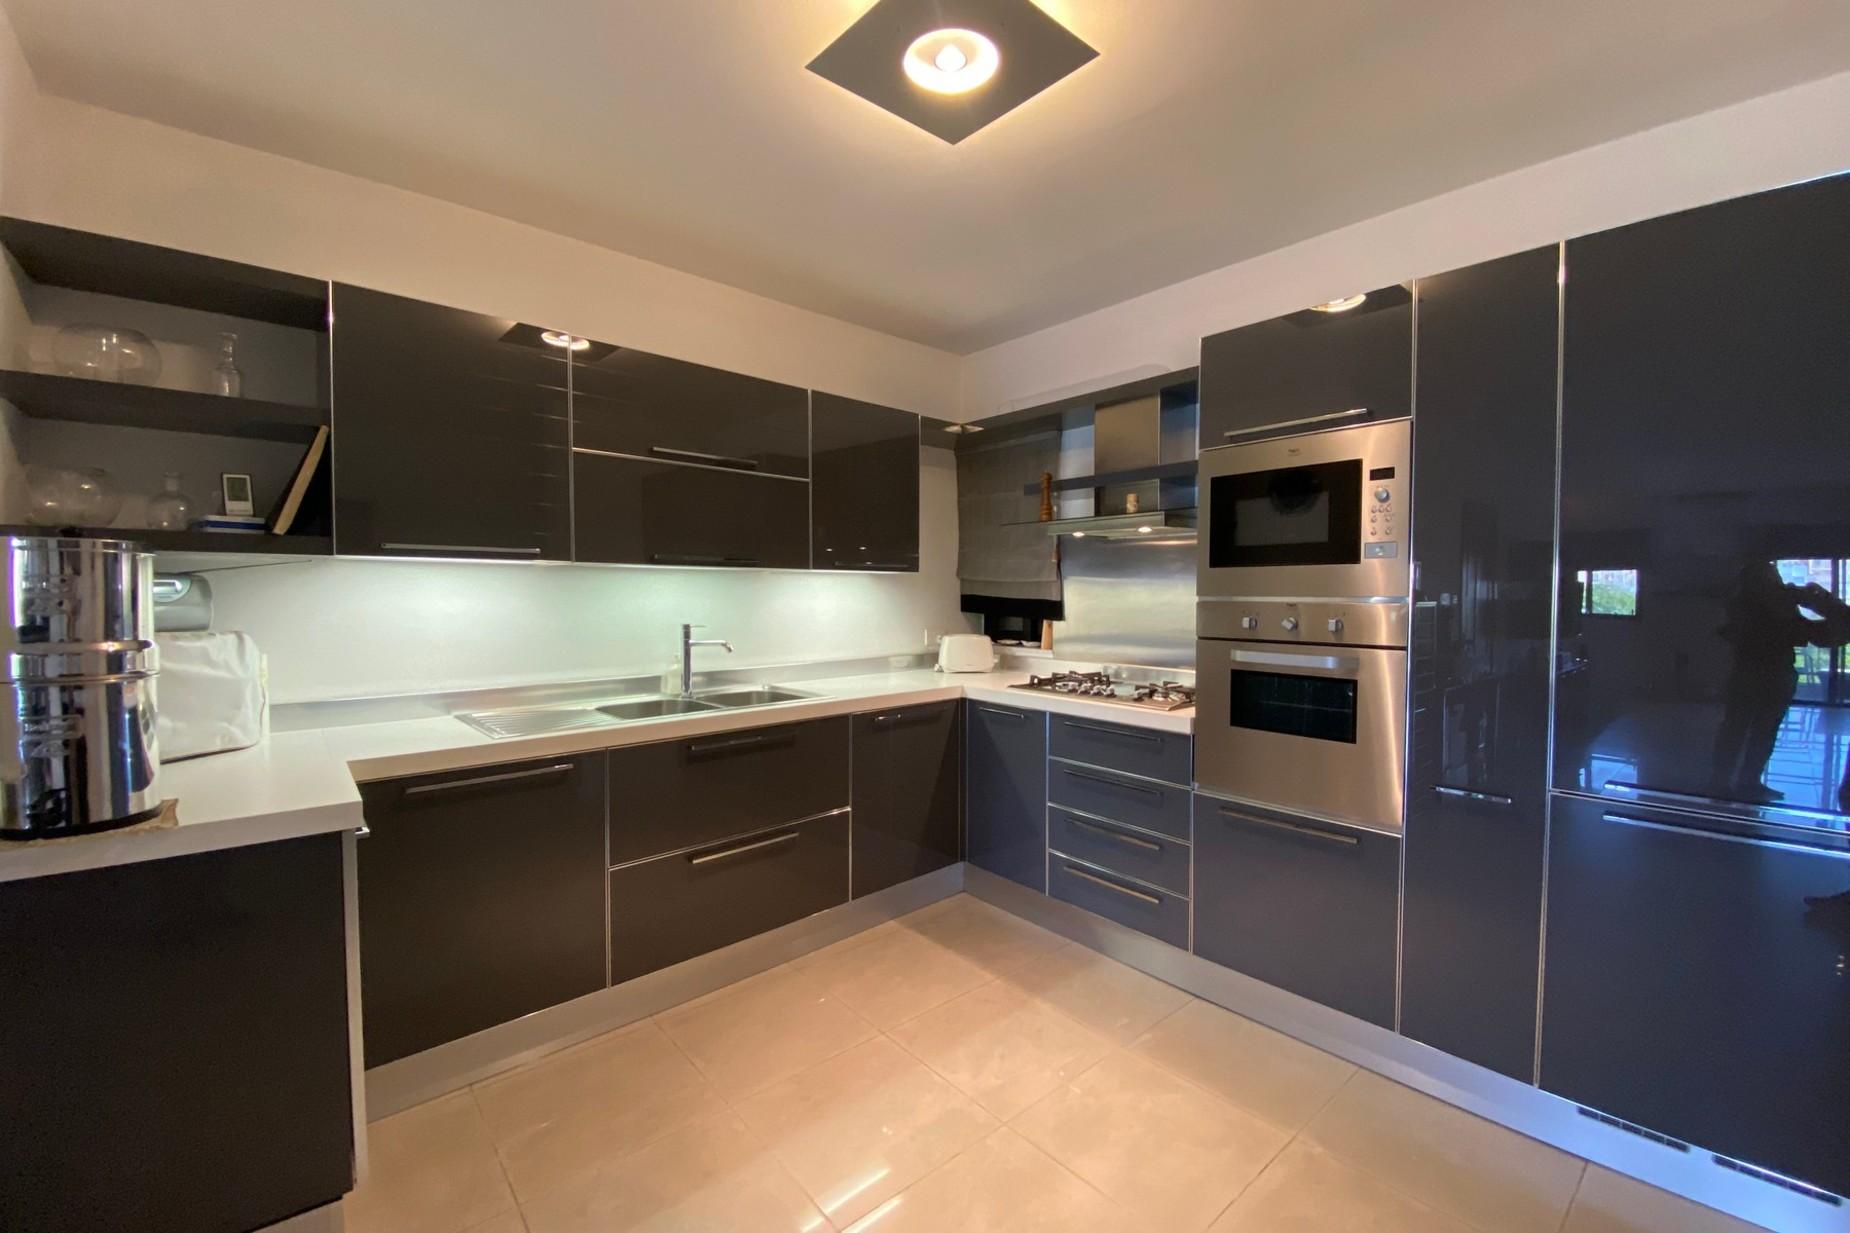 3 bed Apartment For Sale in Pieta, Pieta - thumb 8